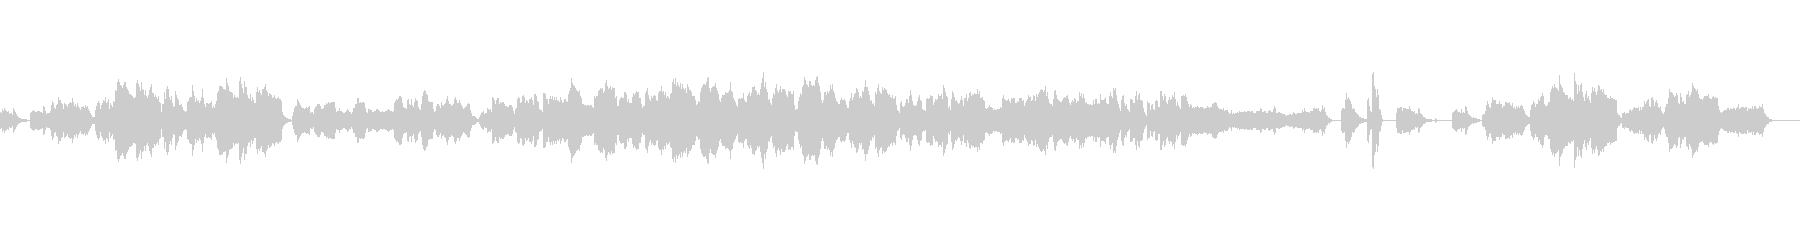 ピアノと弦のゆったりとしたアンサンブルの未再生の波形